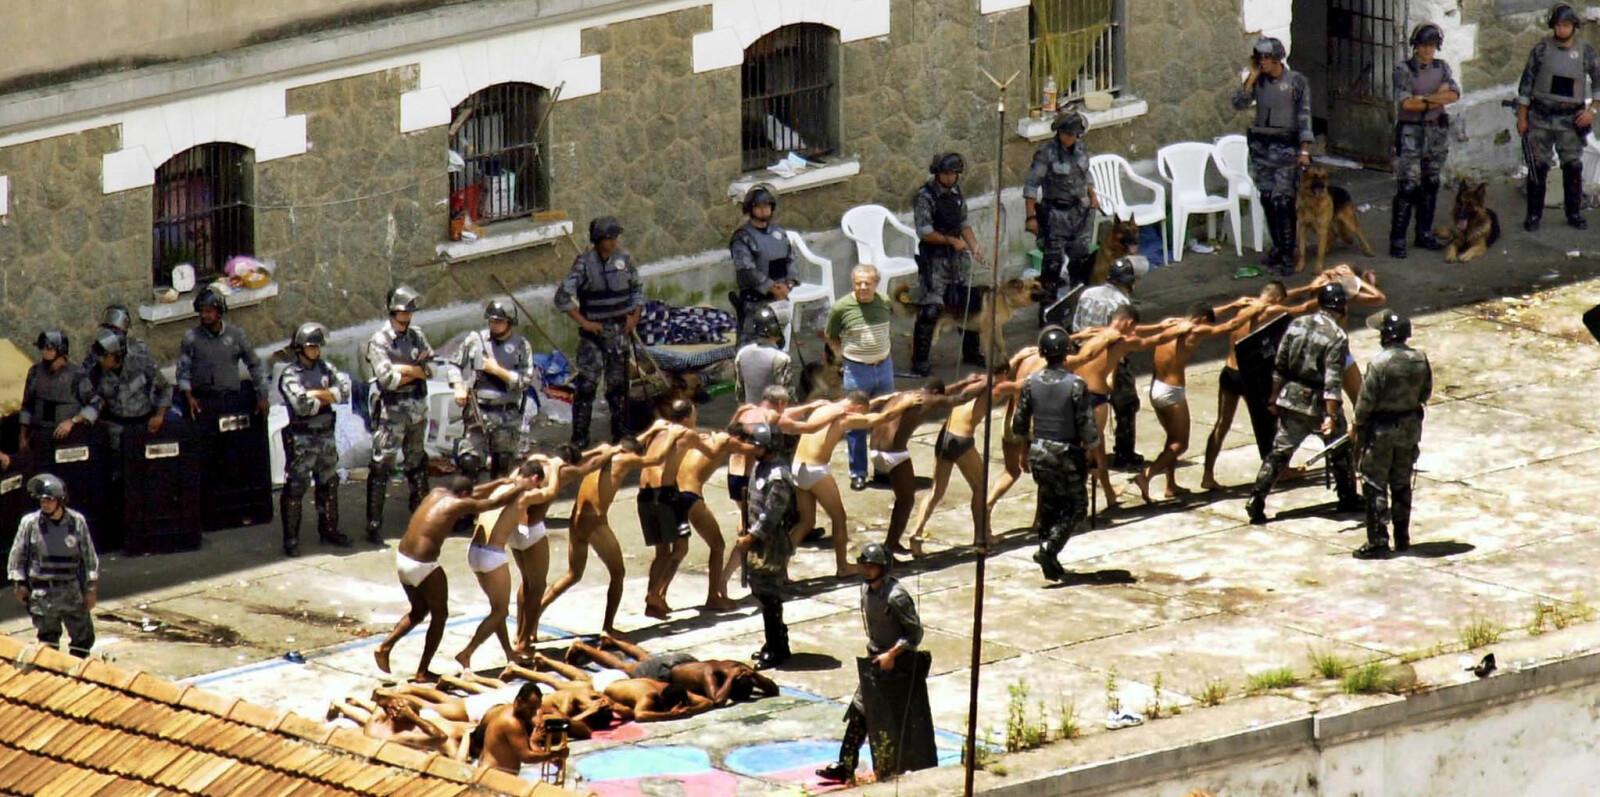 <b>VERDENS VERSTE FENGSLER</b>: Soningsforholdene i utenlandske fengsler kan være forferdelige. Her et bilde fra den nå stengte fengselet Casa Detenção Carandiru i Brasil.